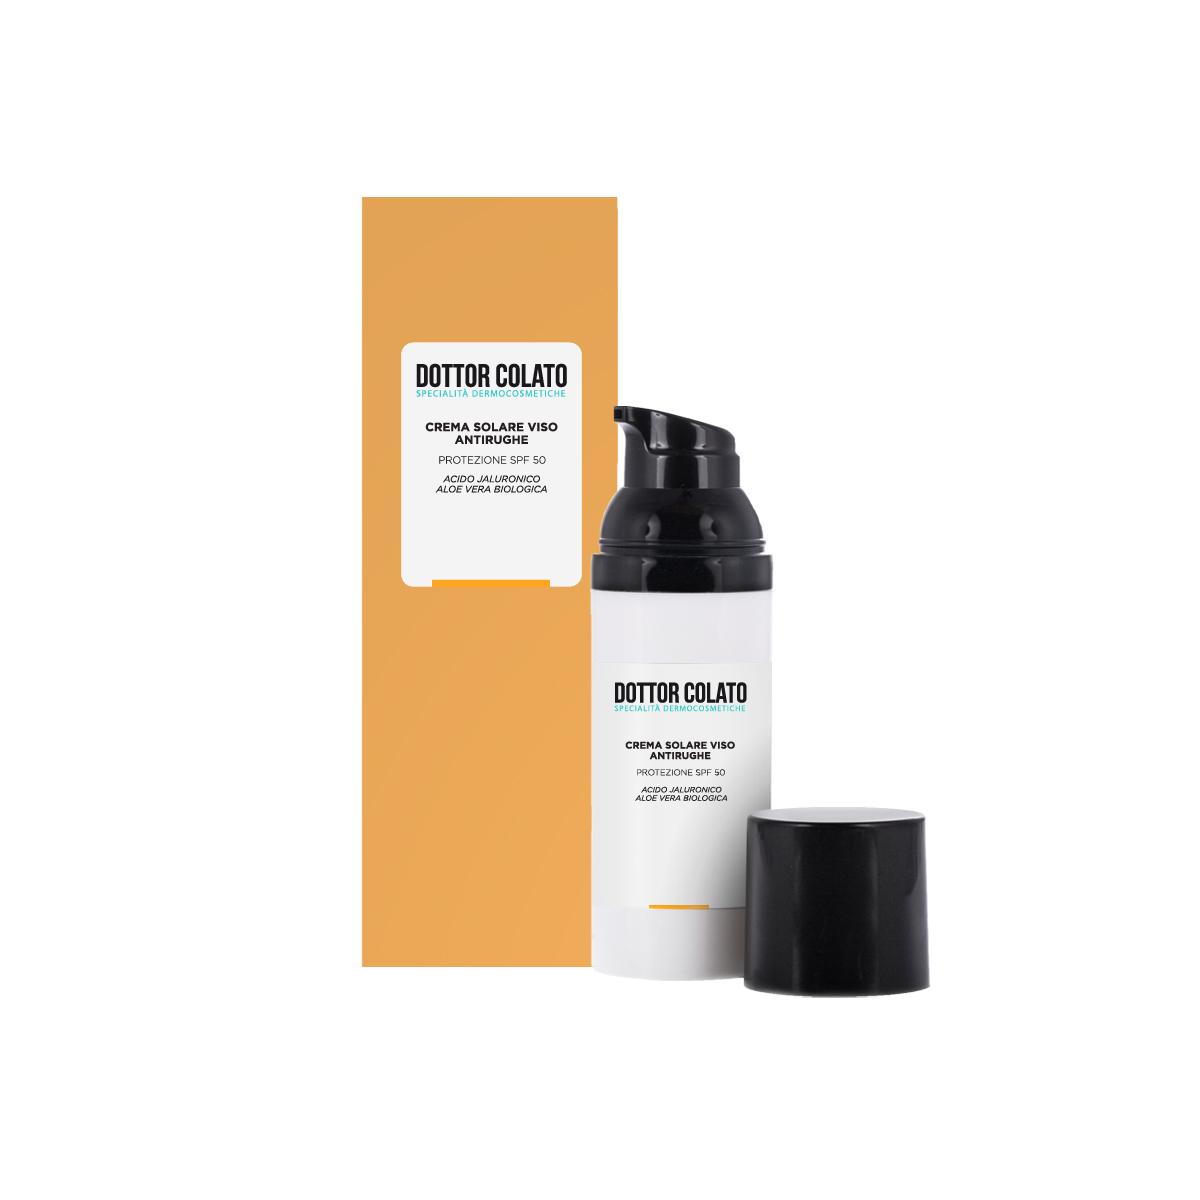 Crema solare viso antirughe con aloe vera bio e acido..